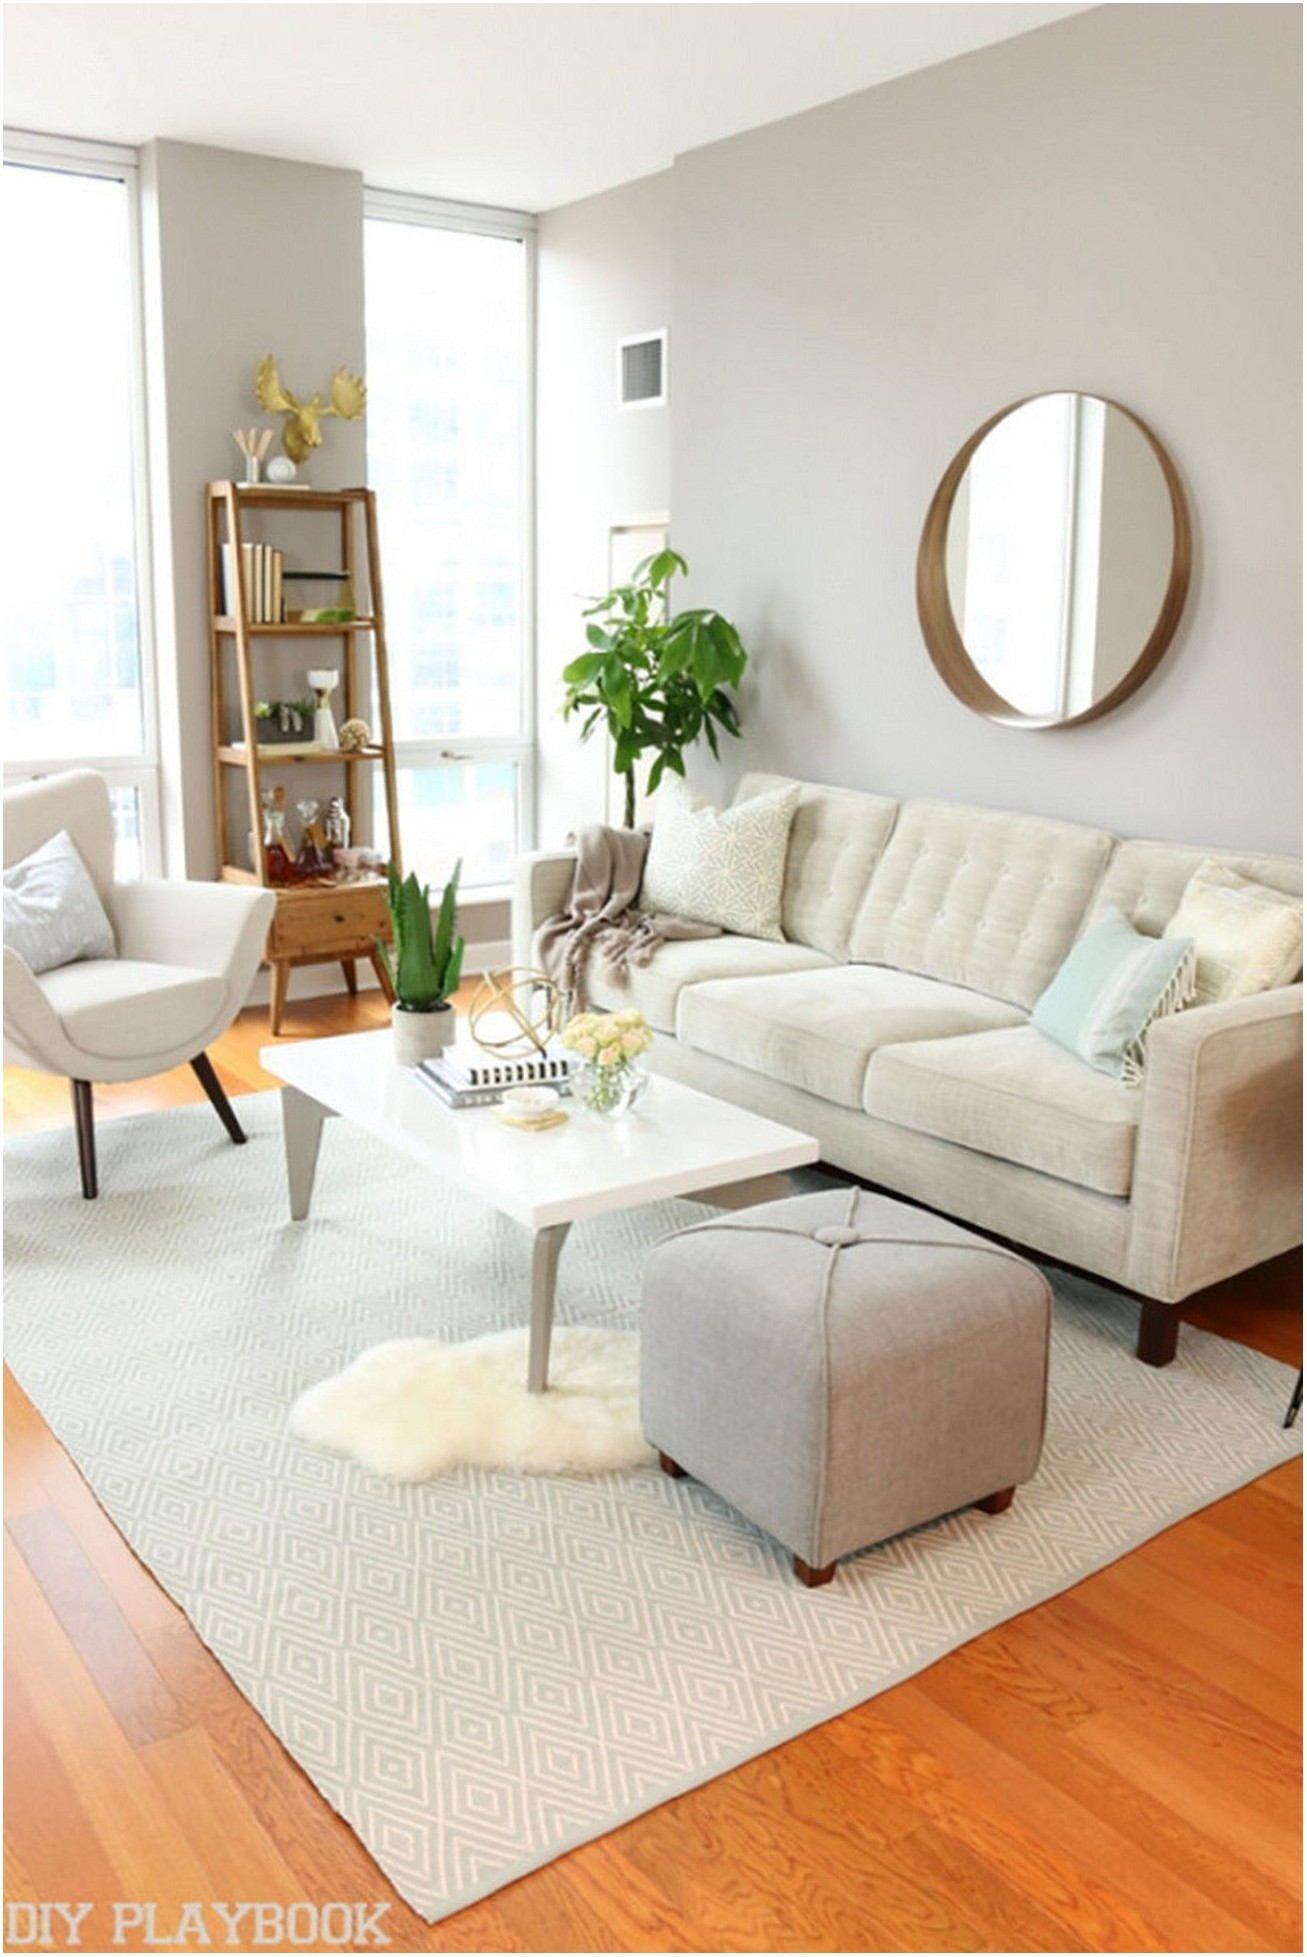 Small Condo Interior Design Ideas Living Room In 2020 Living